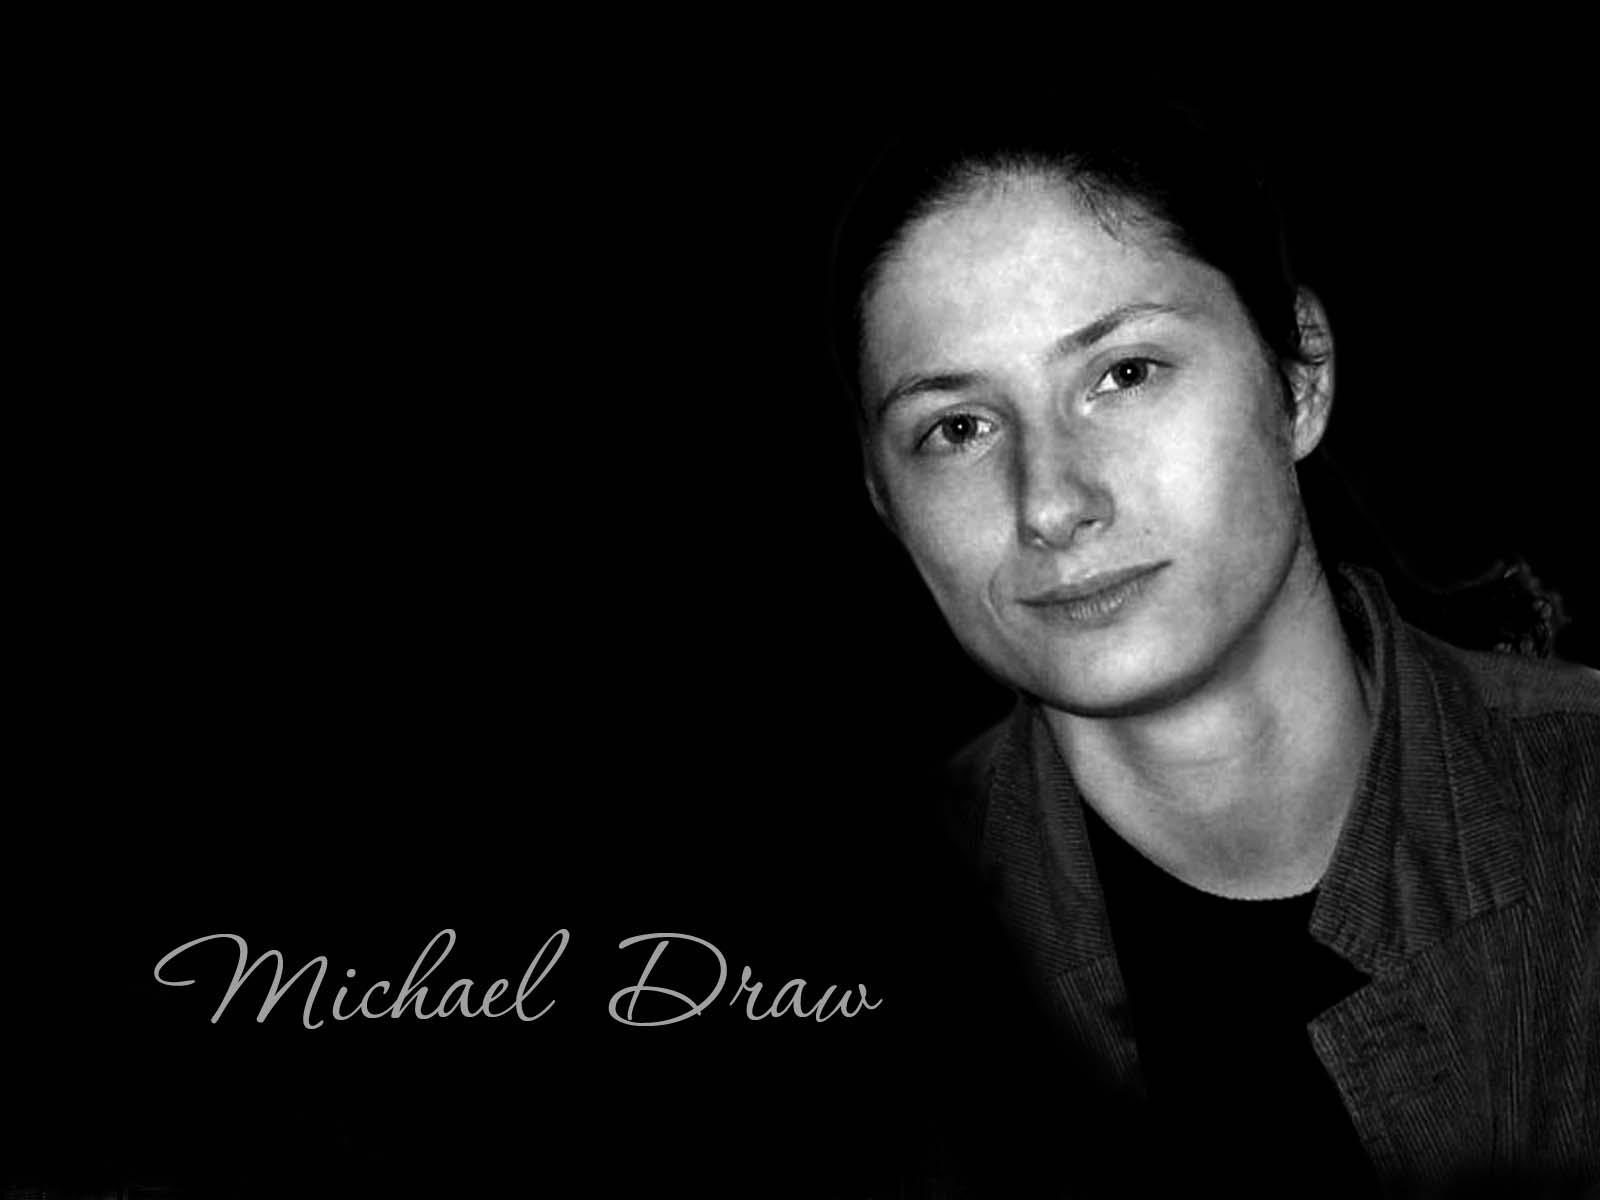 Михаэль Драу